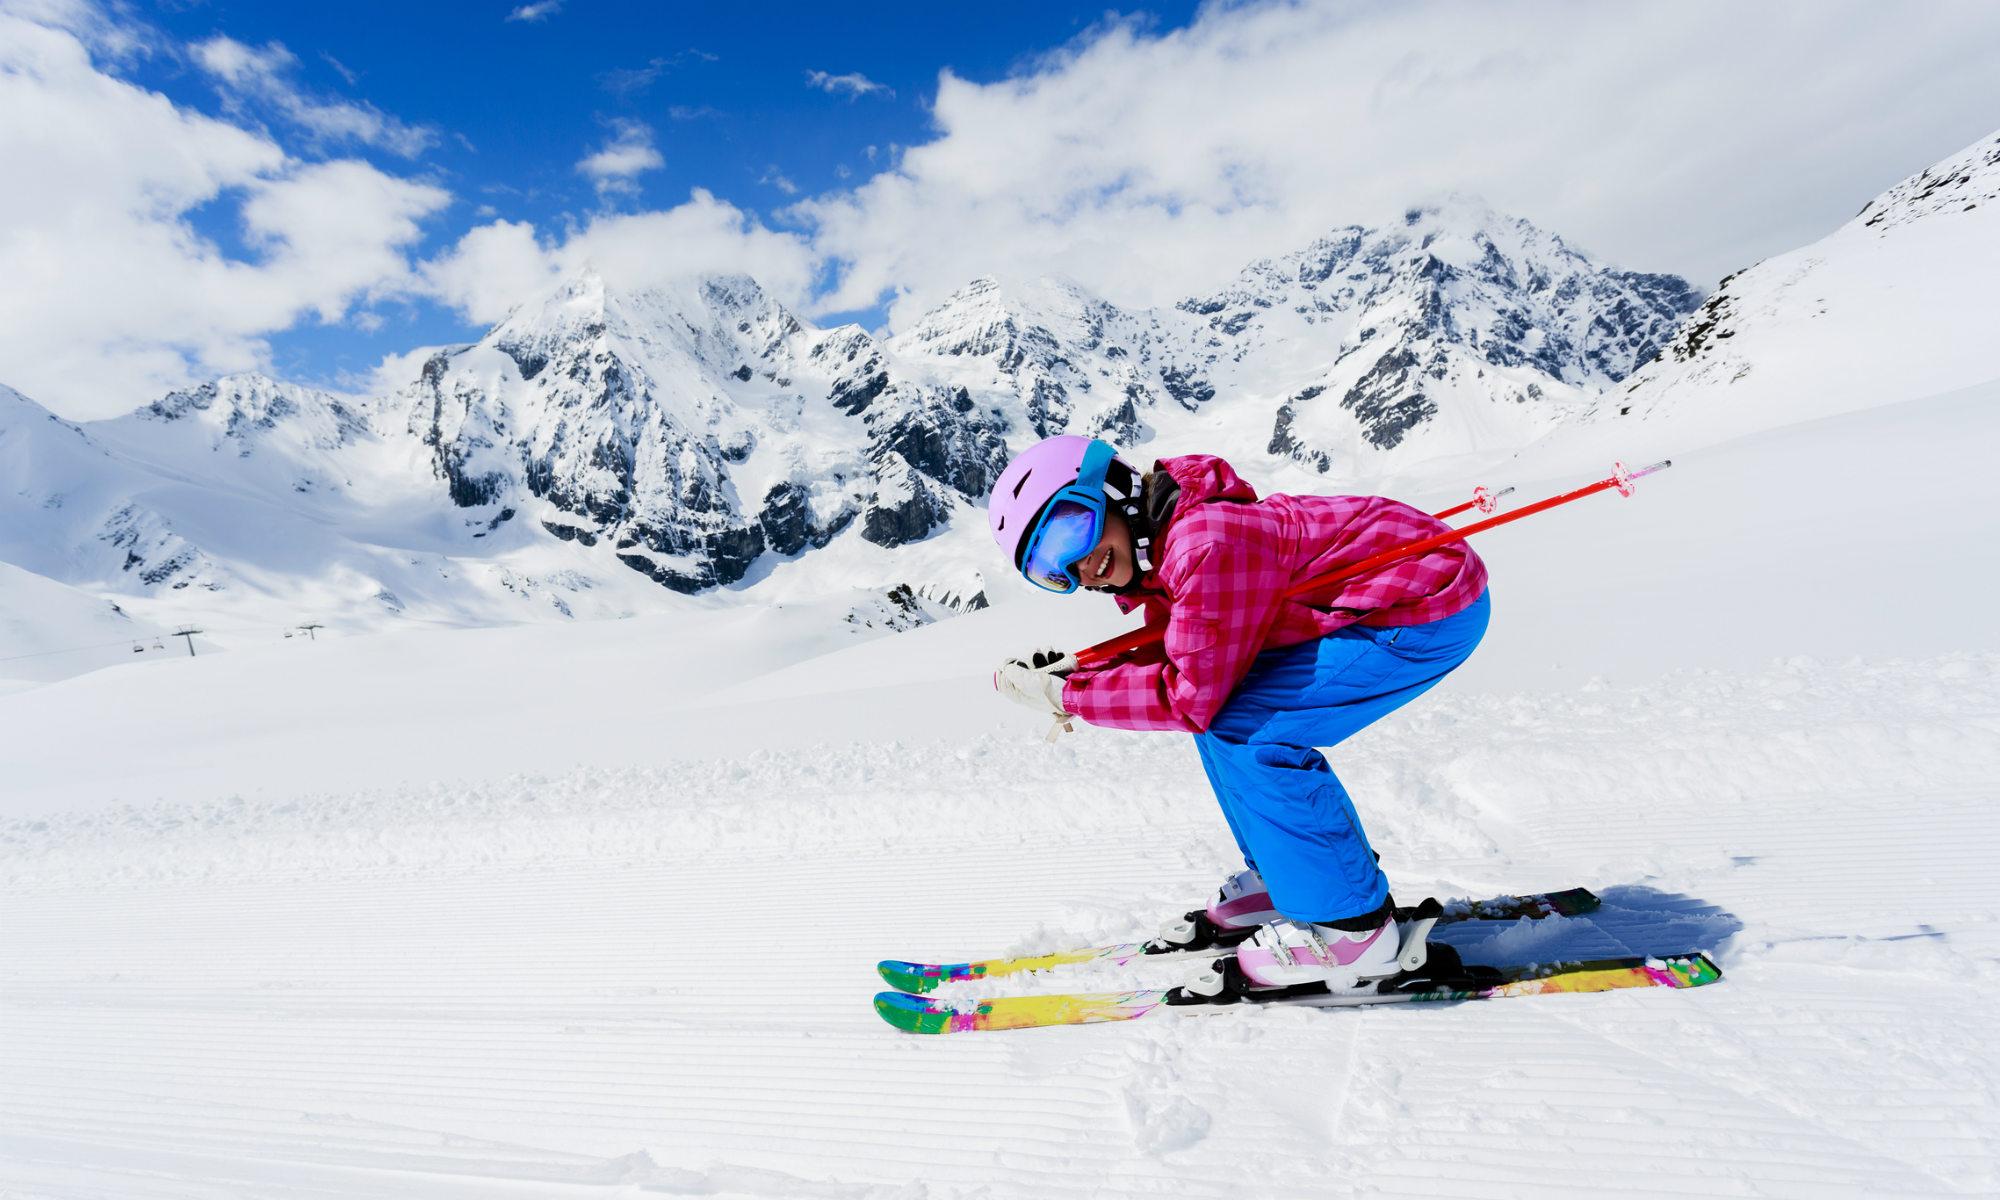 Un skieur en position de cours sur ses skis parallèles.